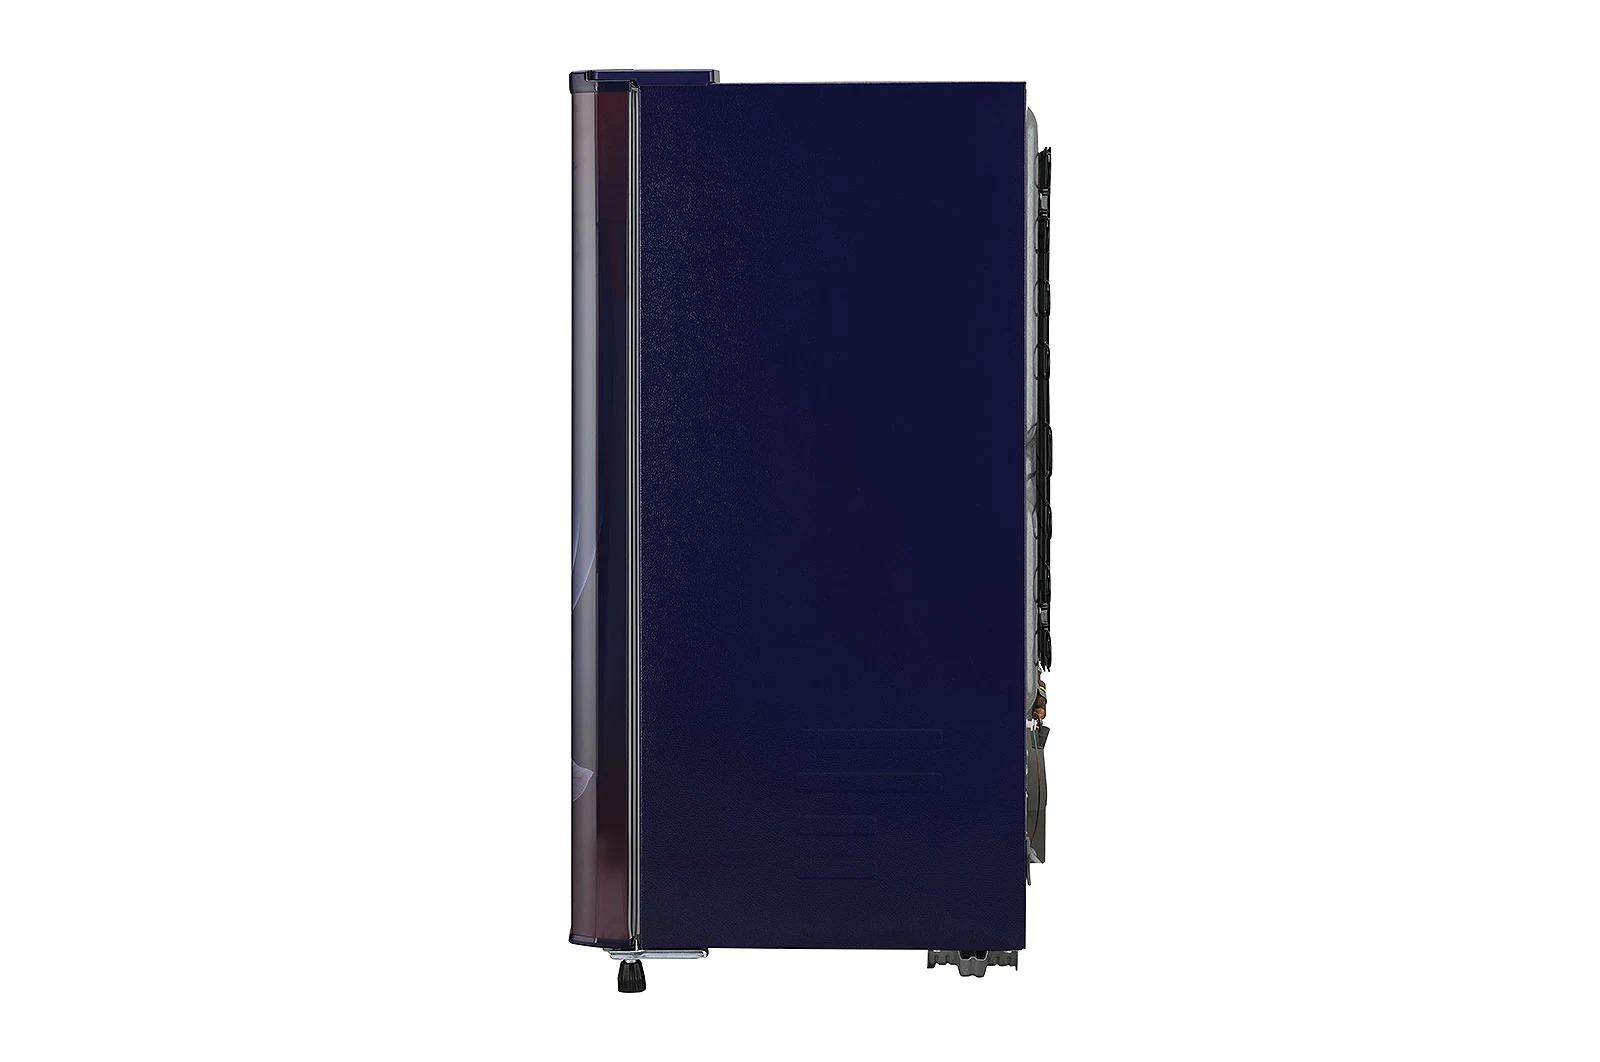 LG (GL-B191KBPX) 188 L, Smart Inverter Compressor